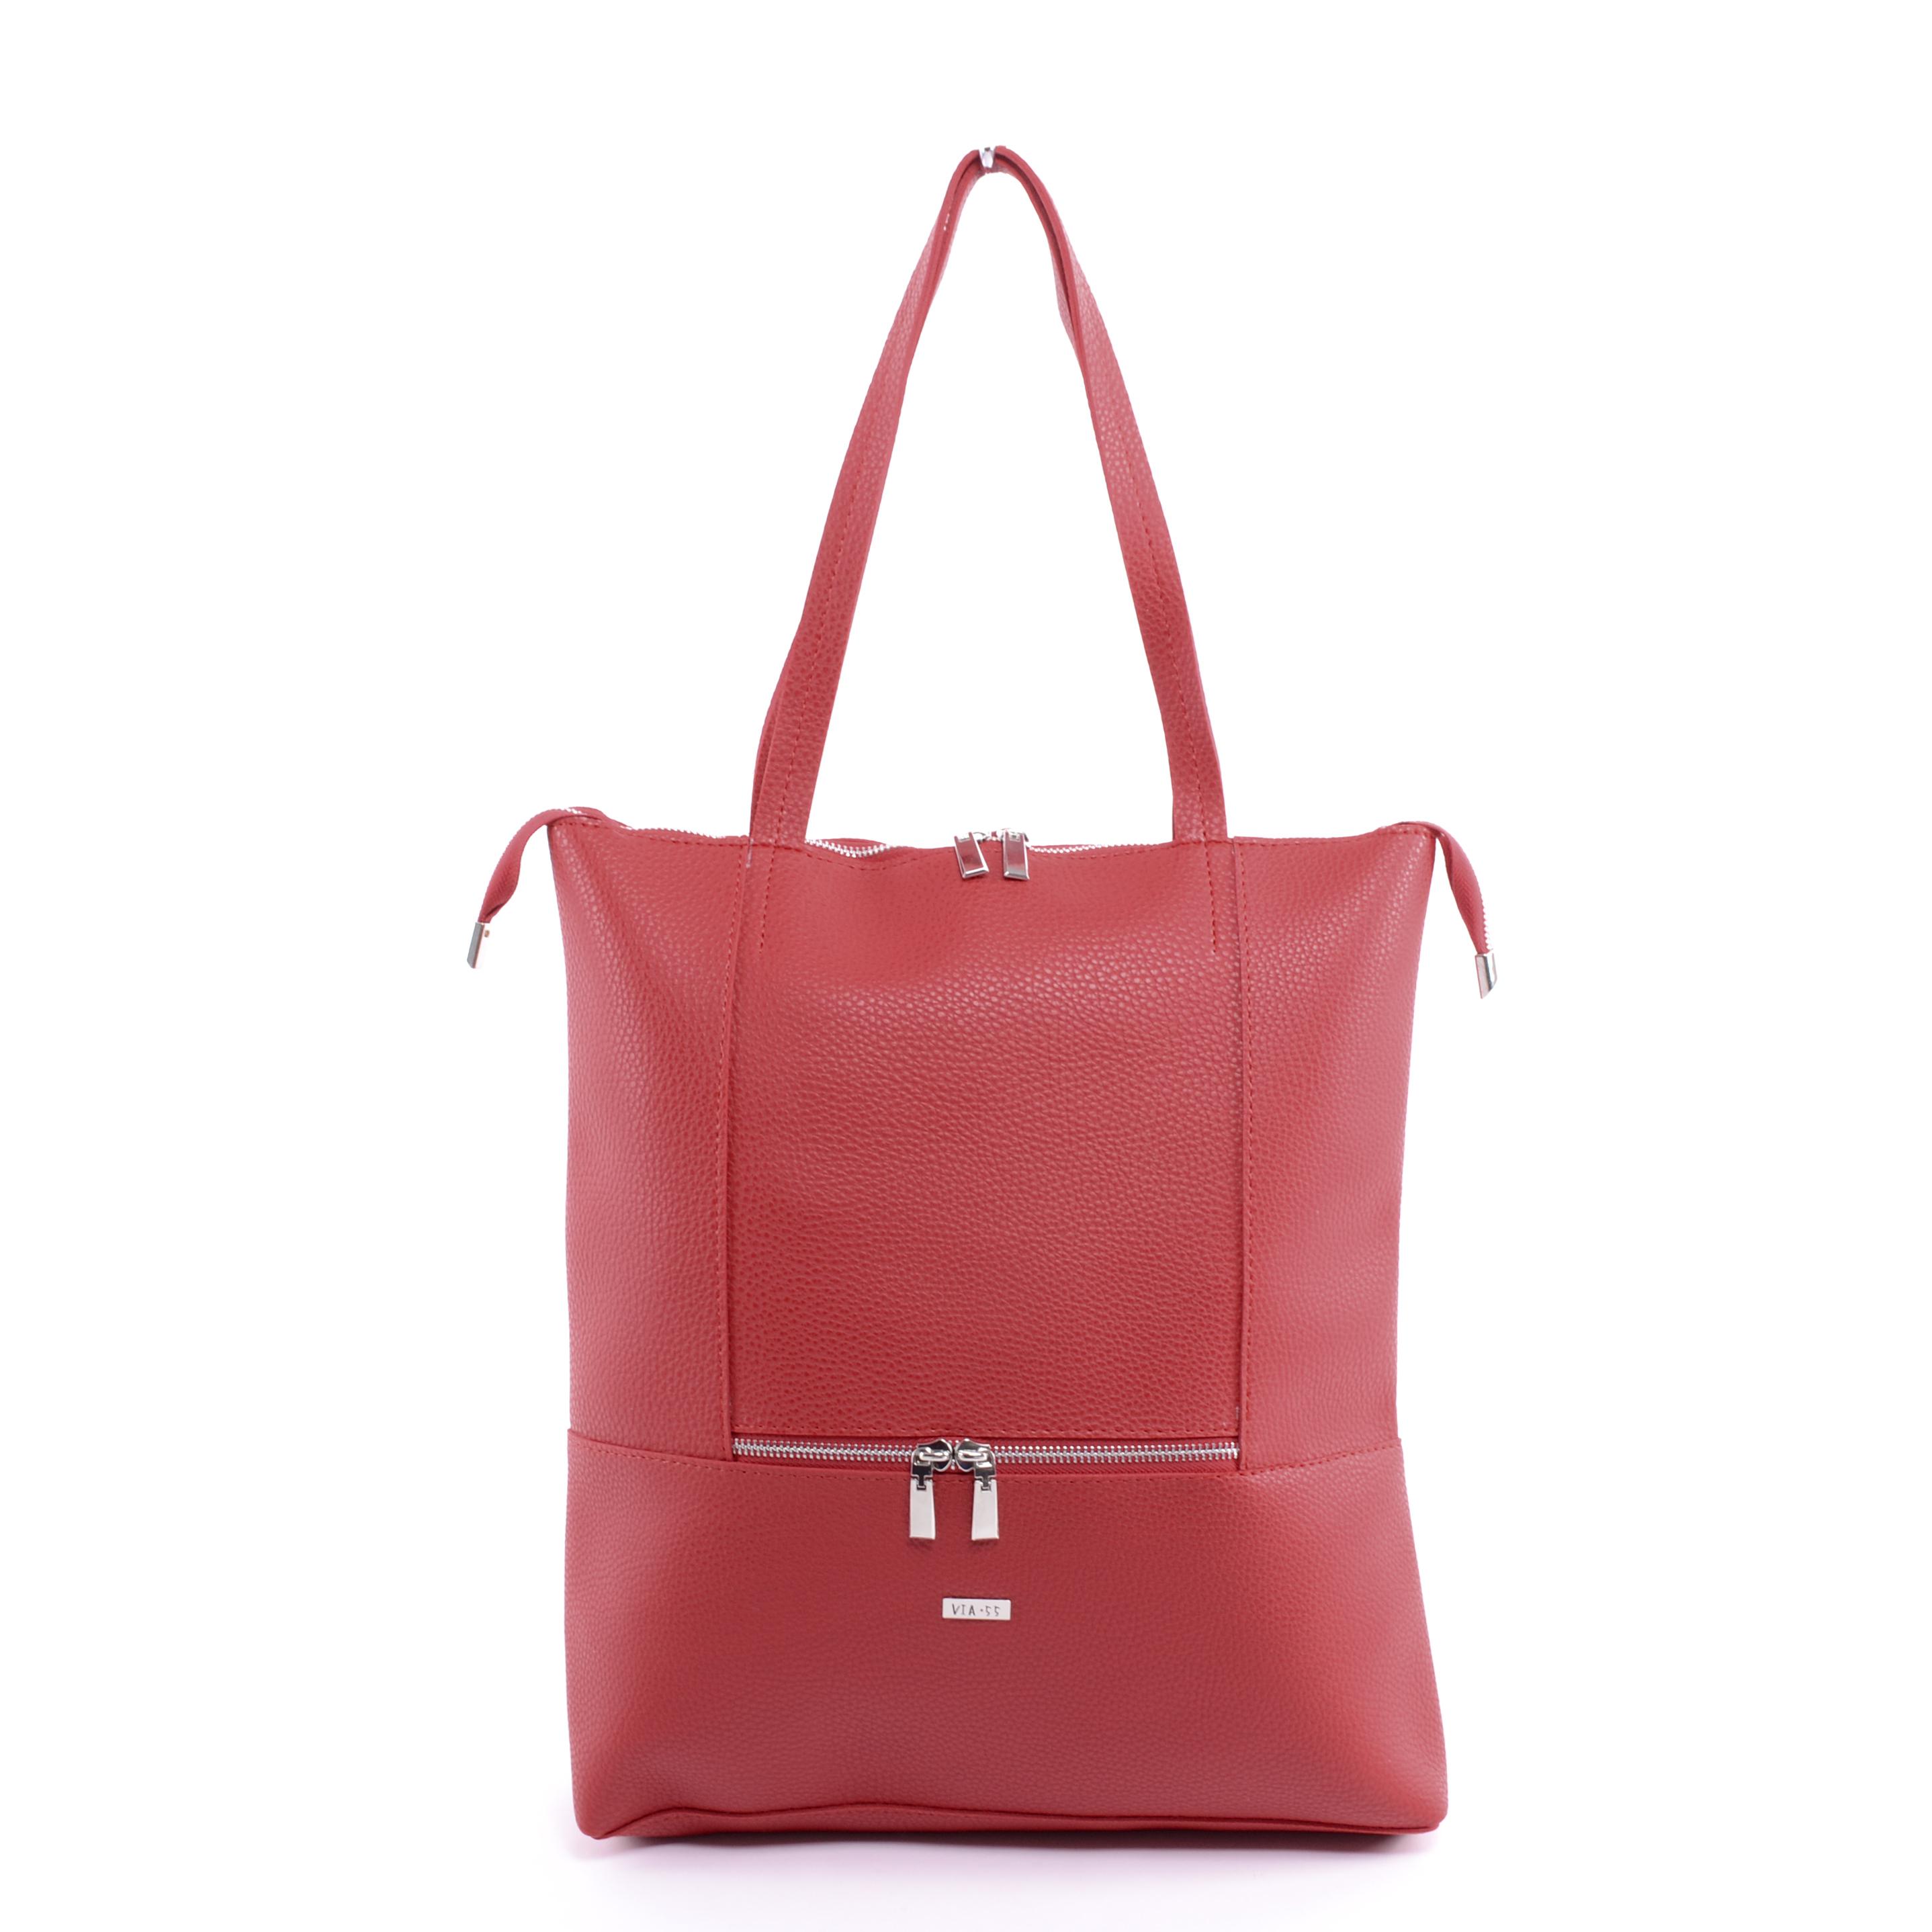 Via.55 Női Műbőr Válltáska Piros - Válltáskák - Táska webáruház - Minőségi  táskák mindenkinek 64b05918a9